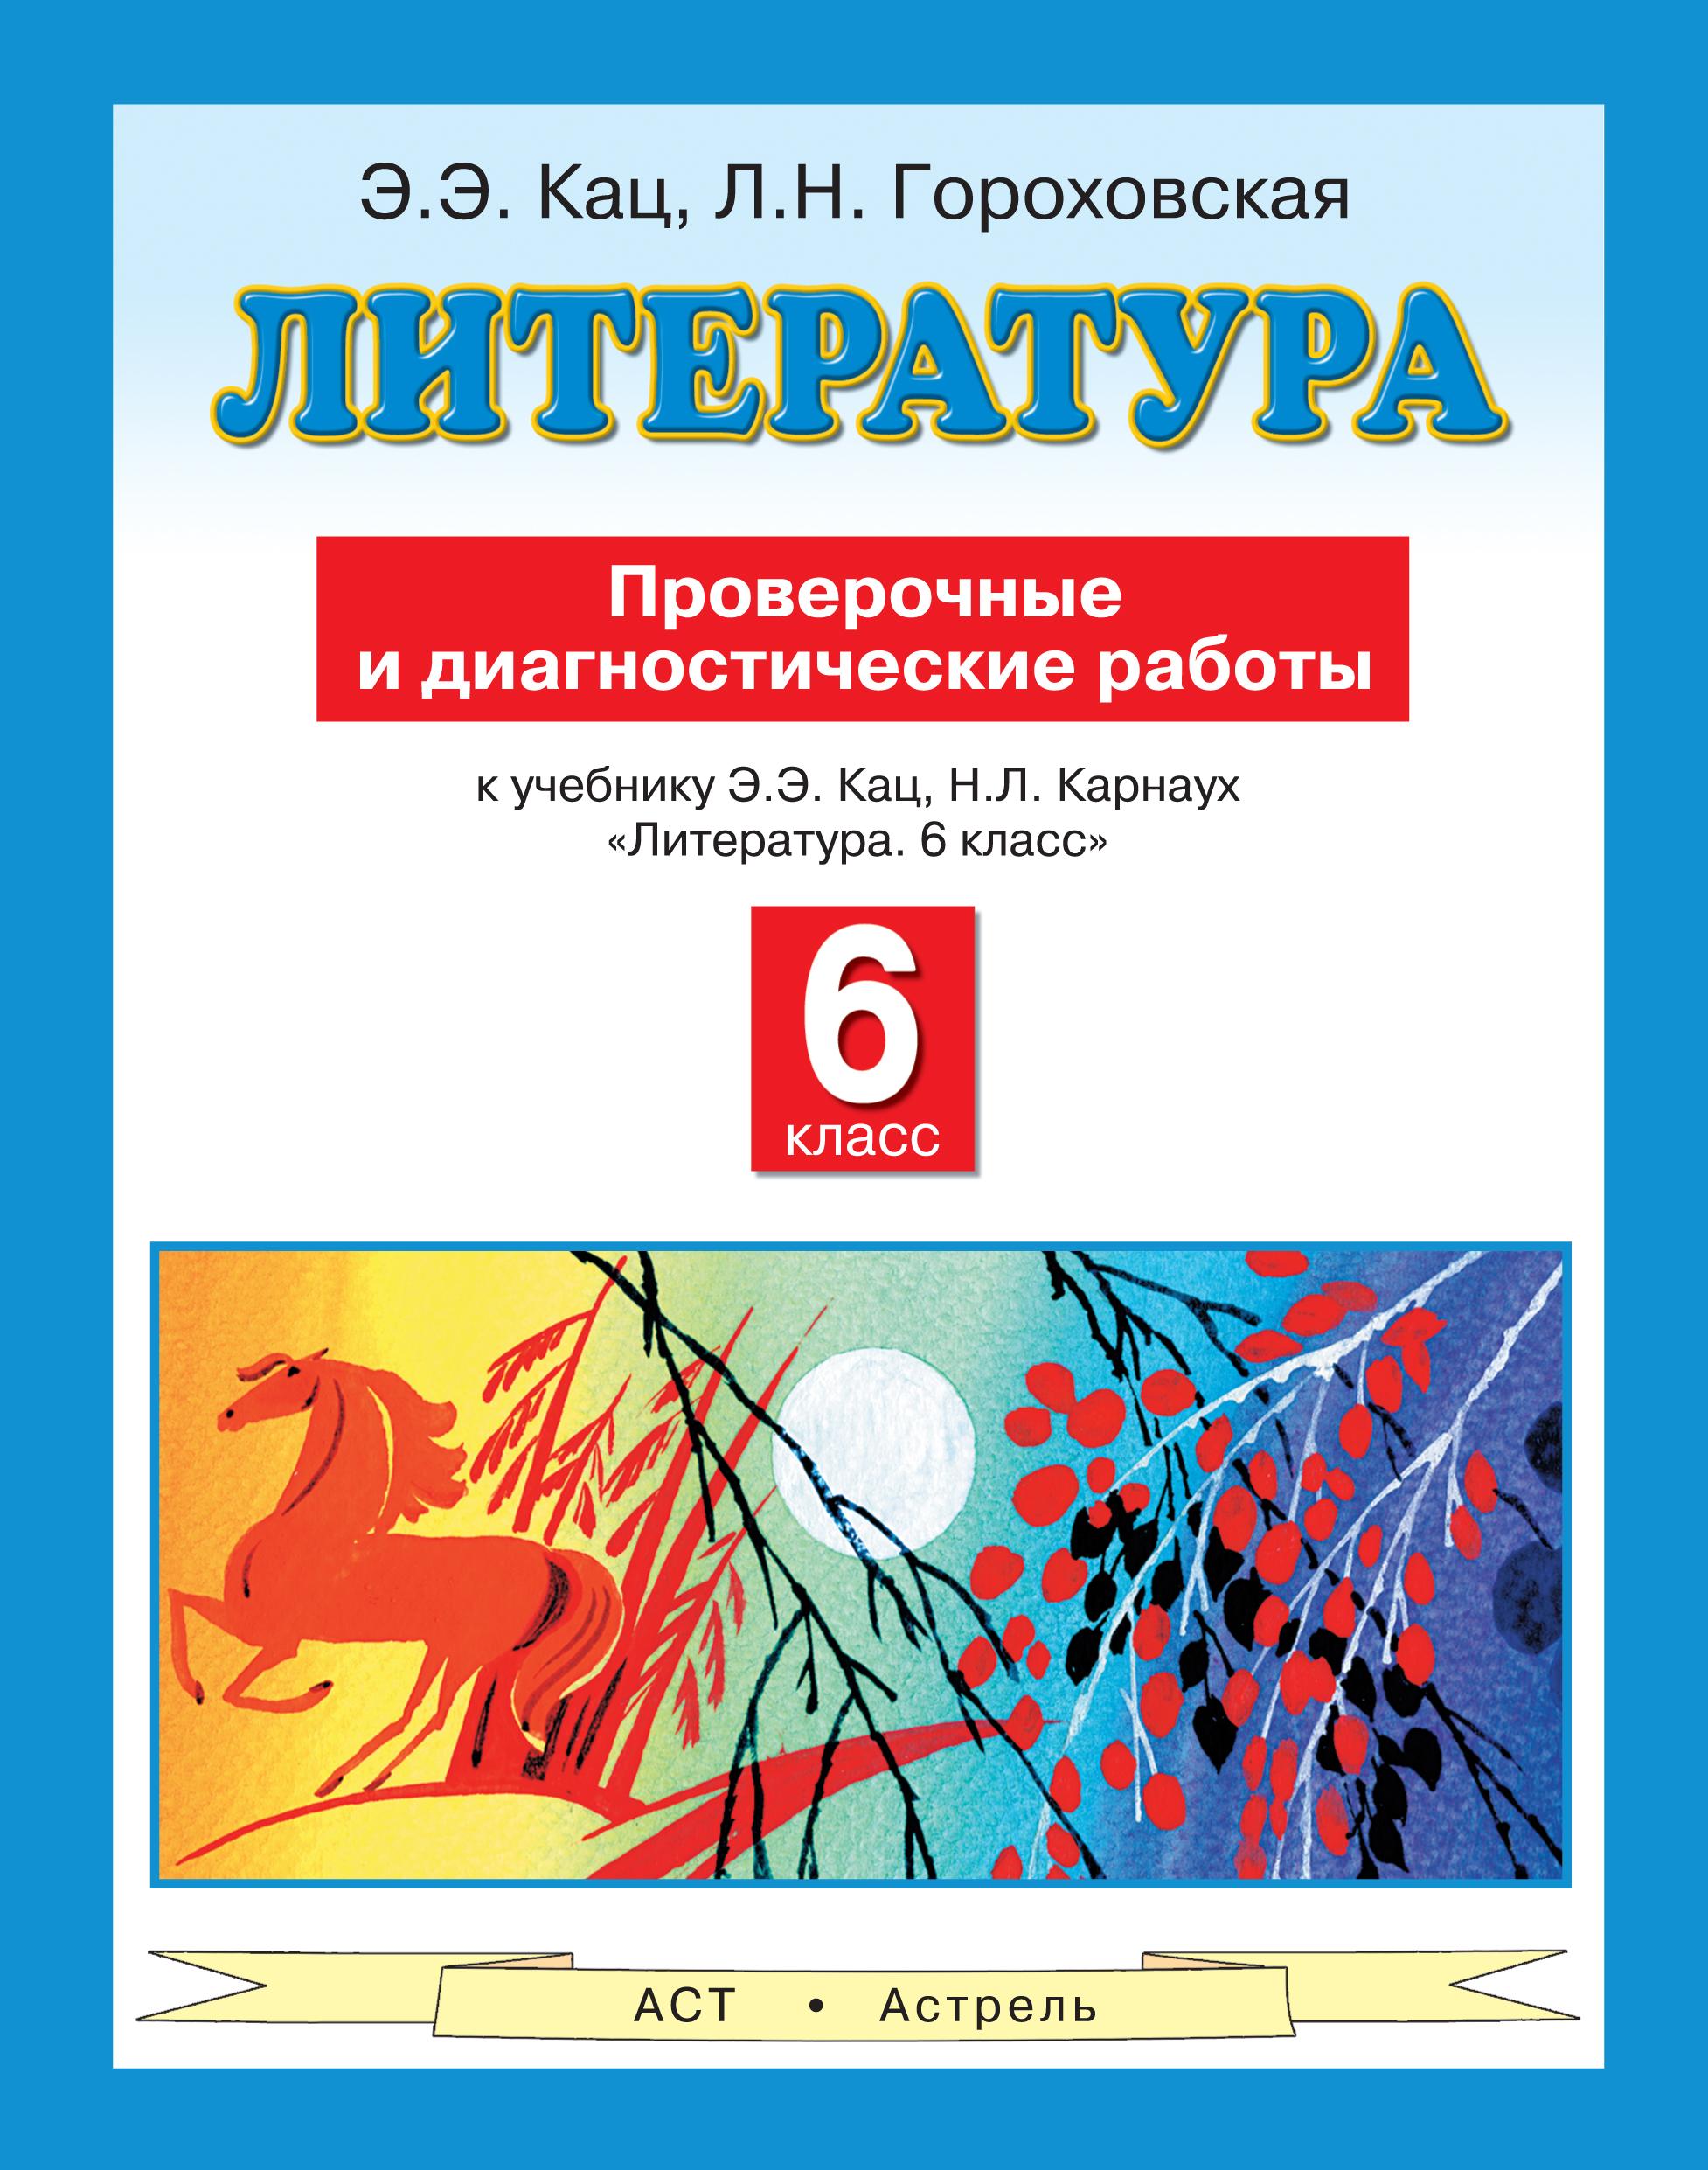 Литература. 6 класс. Проверочные и диагностические работы ( Гороховская Л.Н., Кац Э.Э.  )